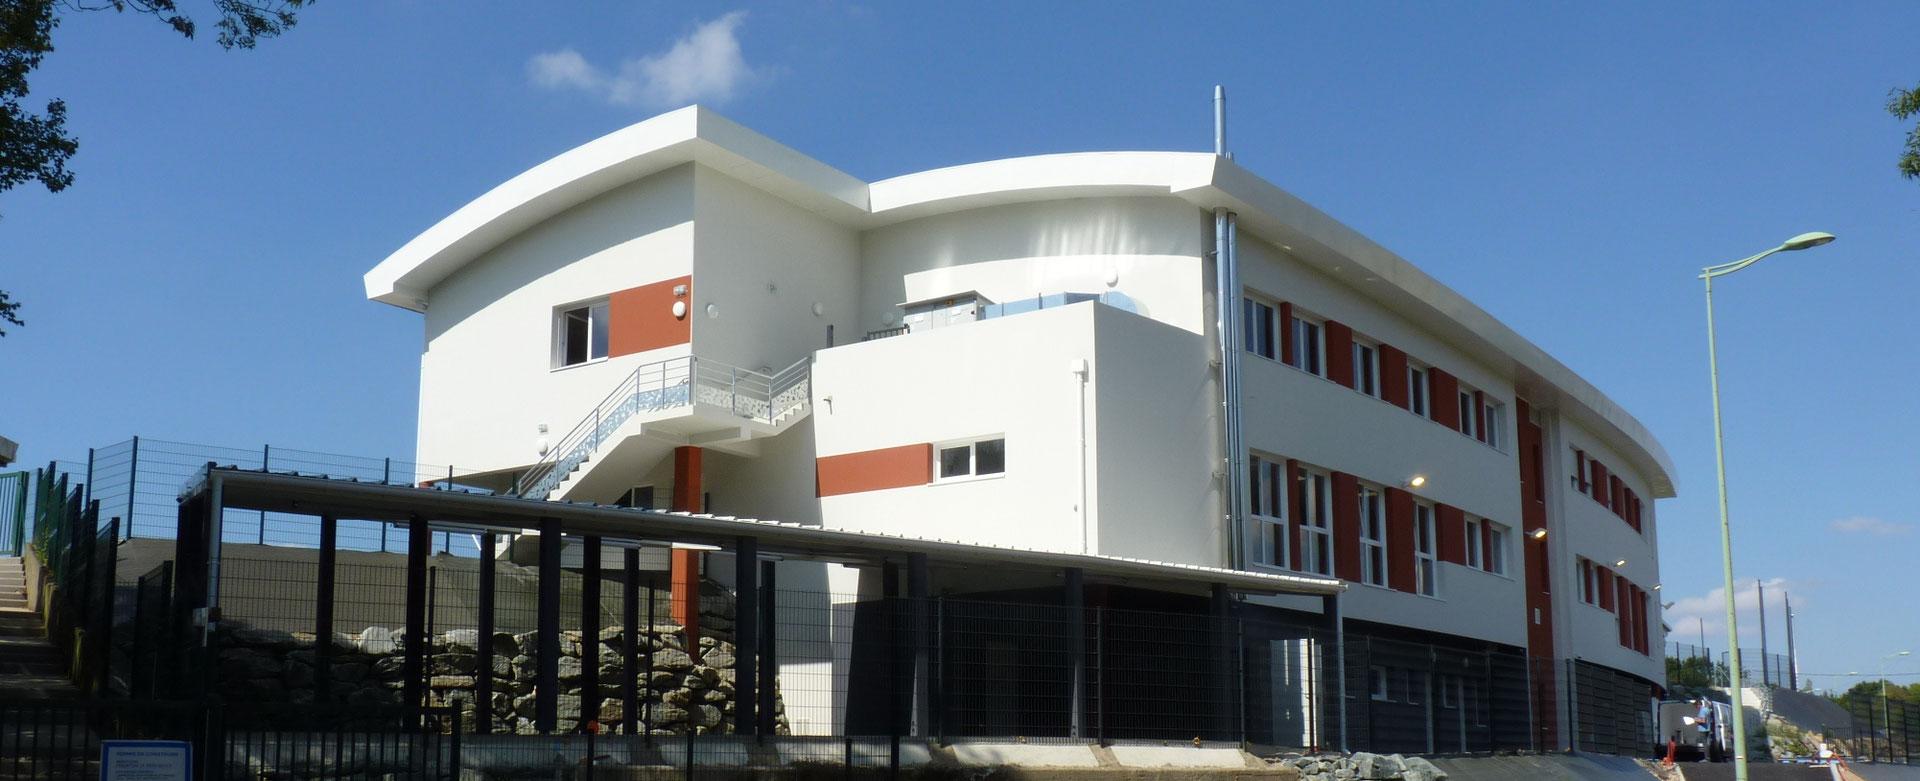 extension du coll ge de savenay architecte 44 nantes constructions et r habilitations. Black Bedroom Furniture Sets. Home Design Ideas